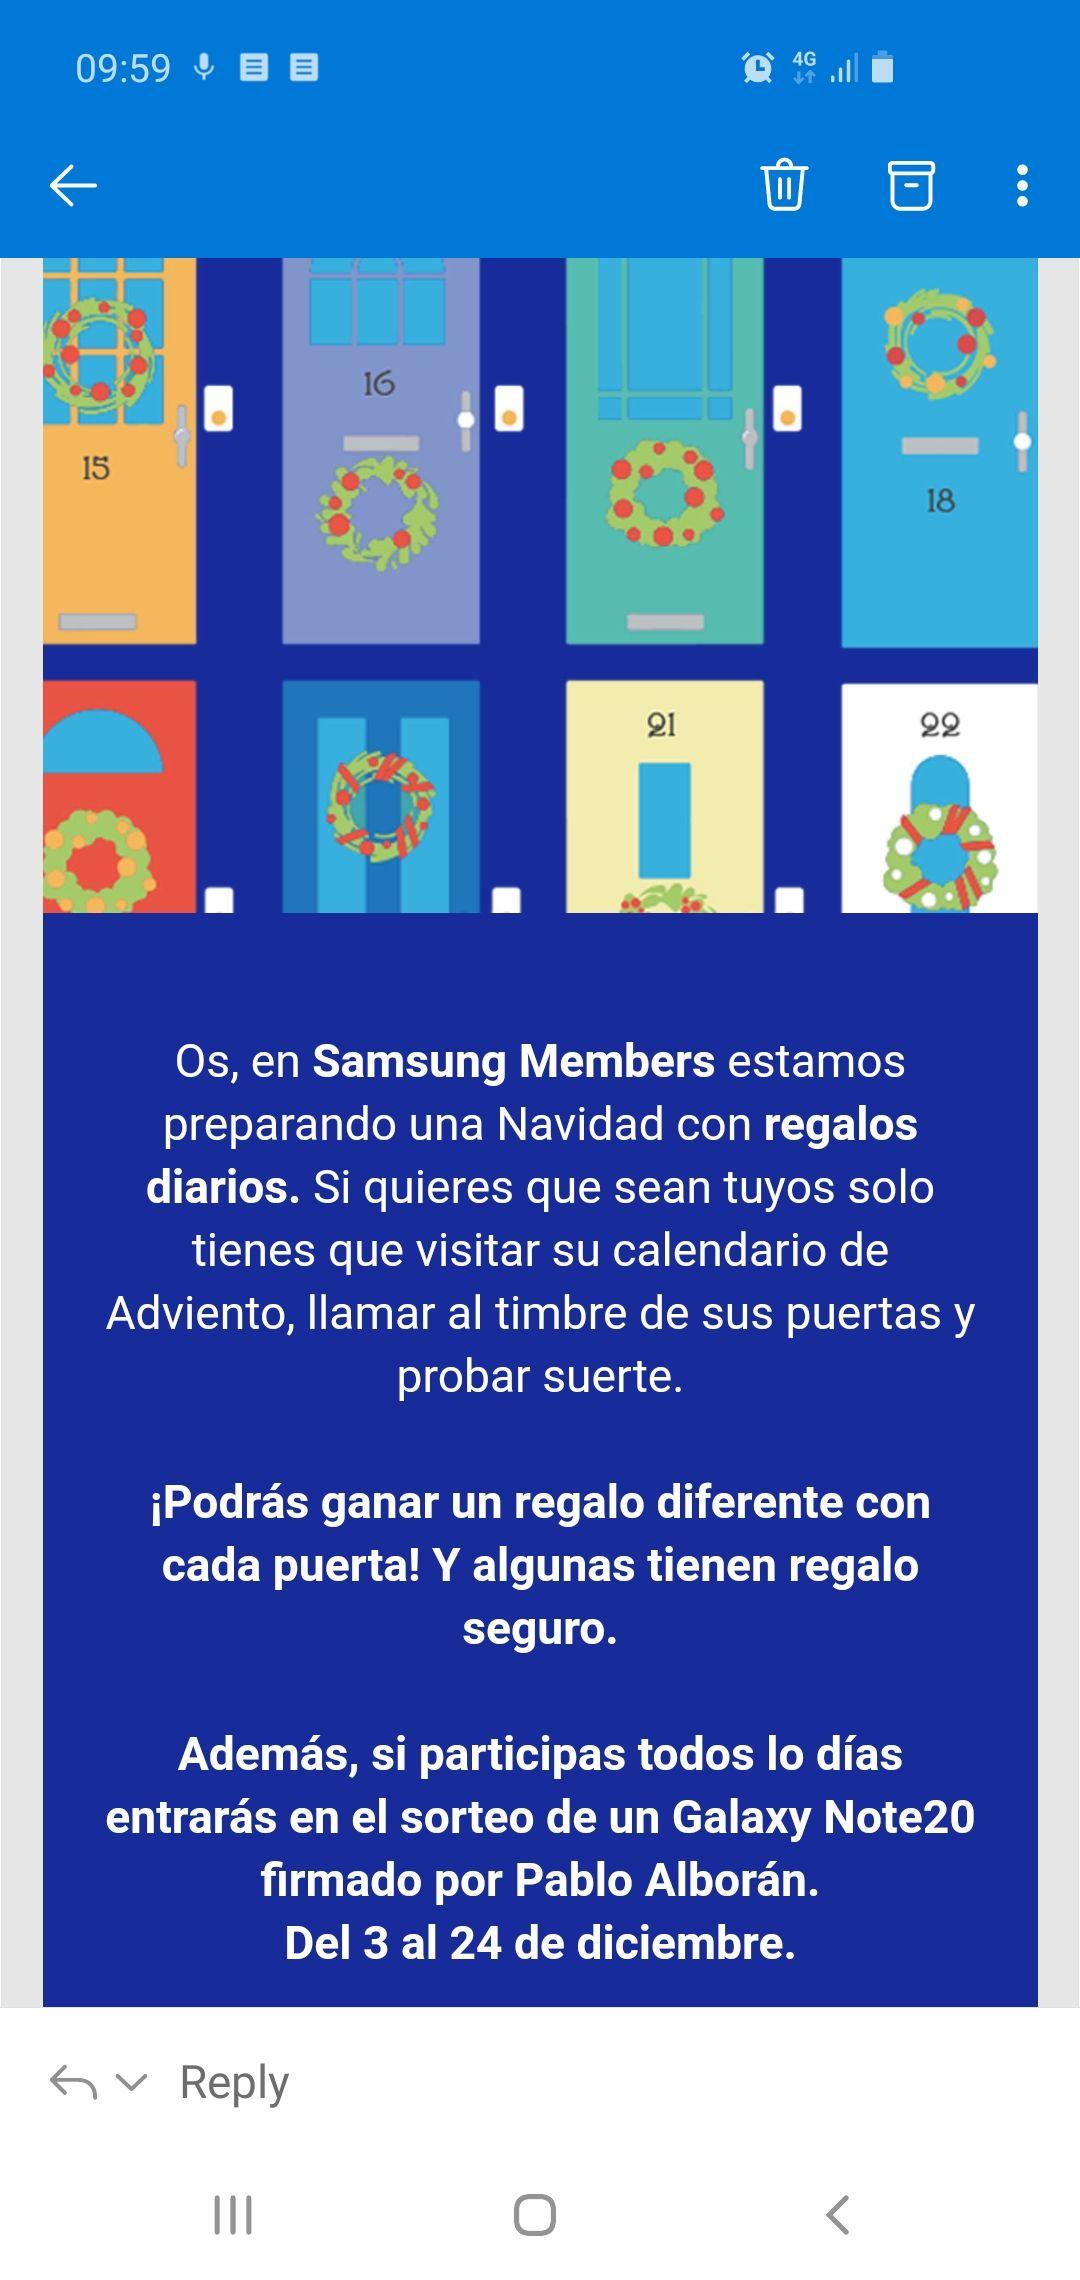 Calendario de adviento en Samsung Members